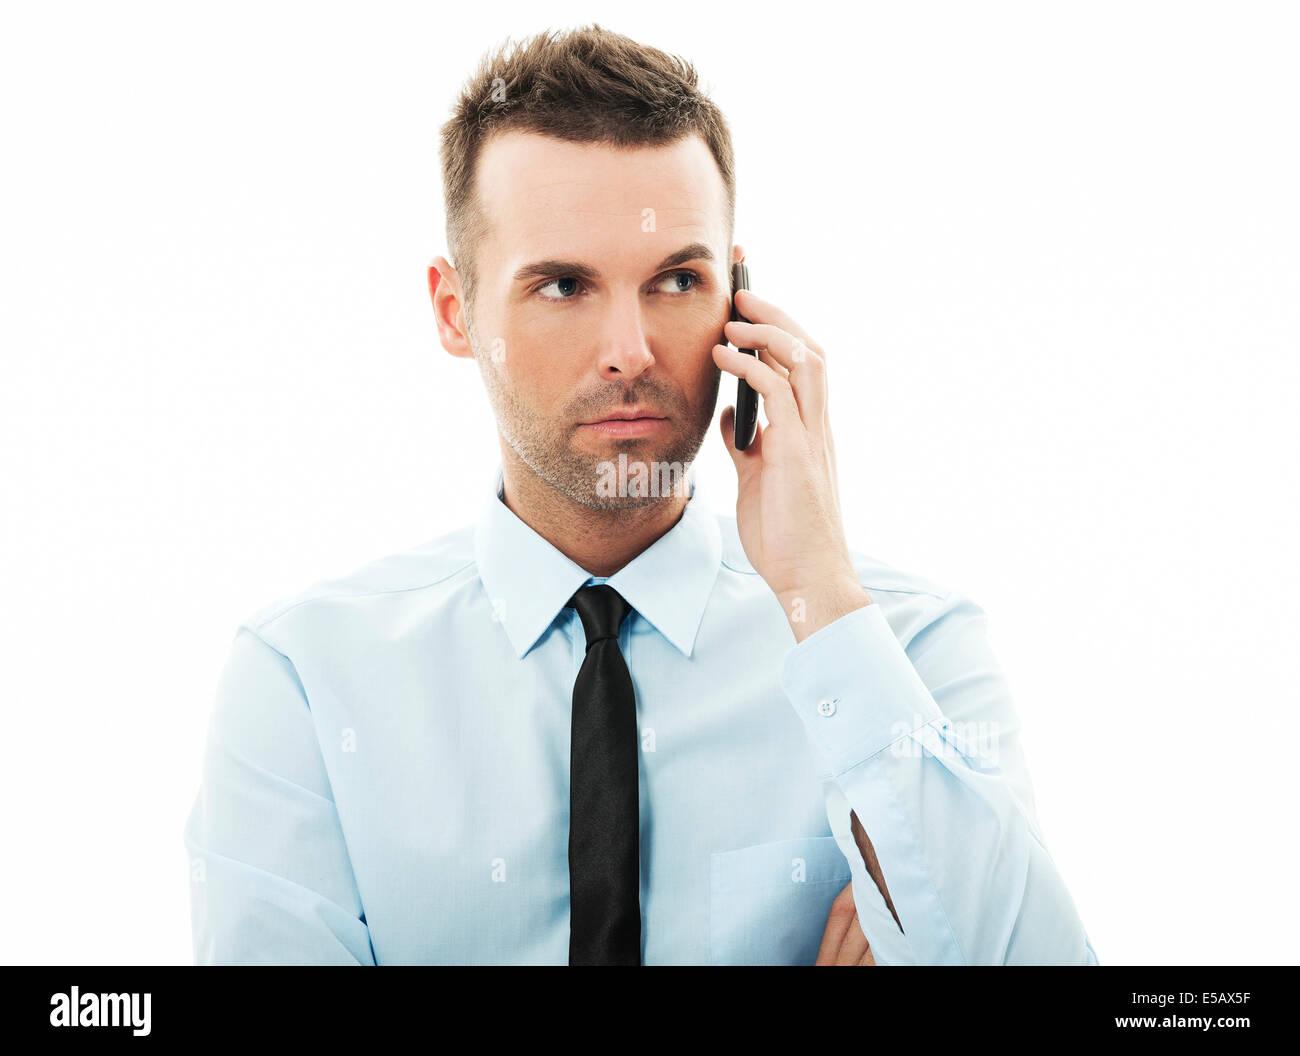 Conversación estresante Debica, Polonia Imagen De Stock